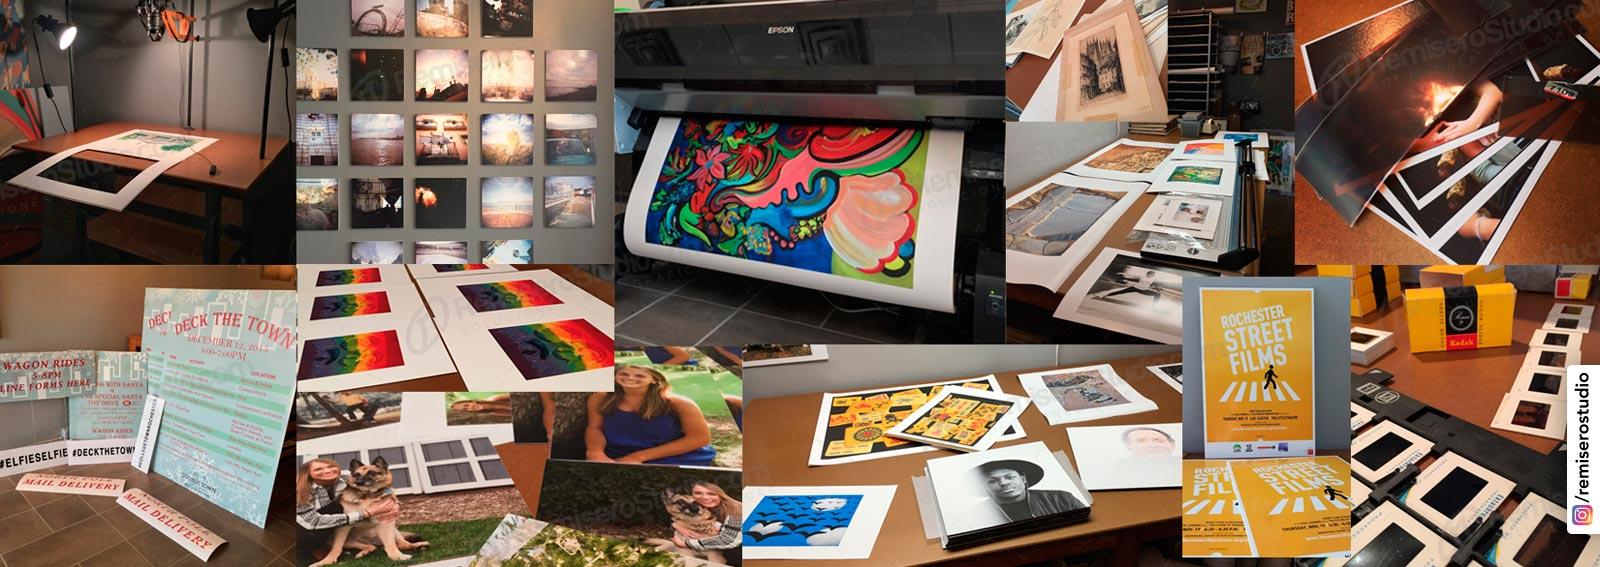 Impresión Digital Inkjet en Lima, Perú: Impresión digital en Papel Fotográfico, Perlado, Backlite, Lienzo canvas, Tamaños A2, A1, A0